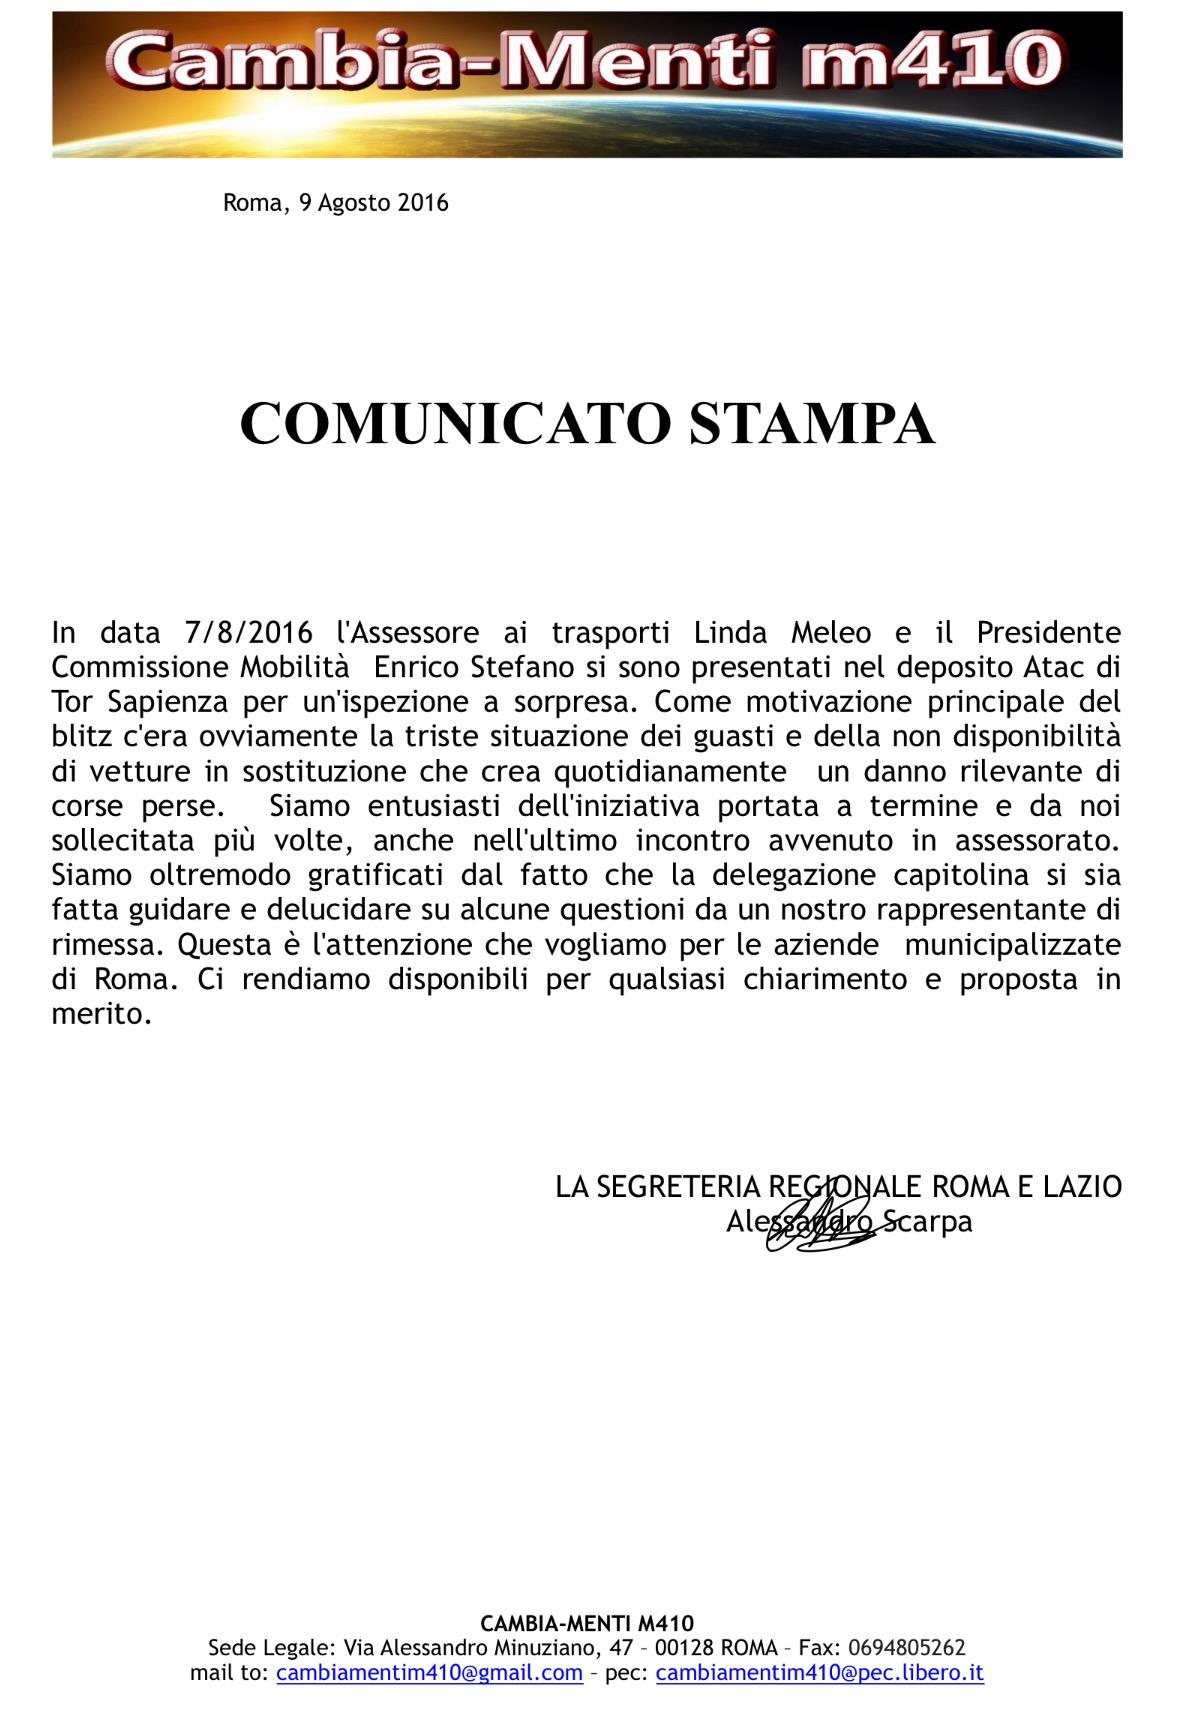 Assessore e Commissione Mobilità a Tor Sapienza